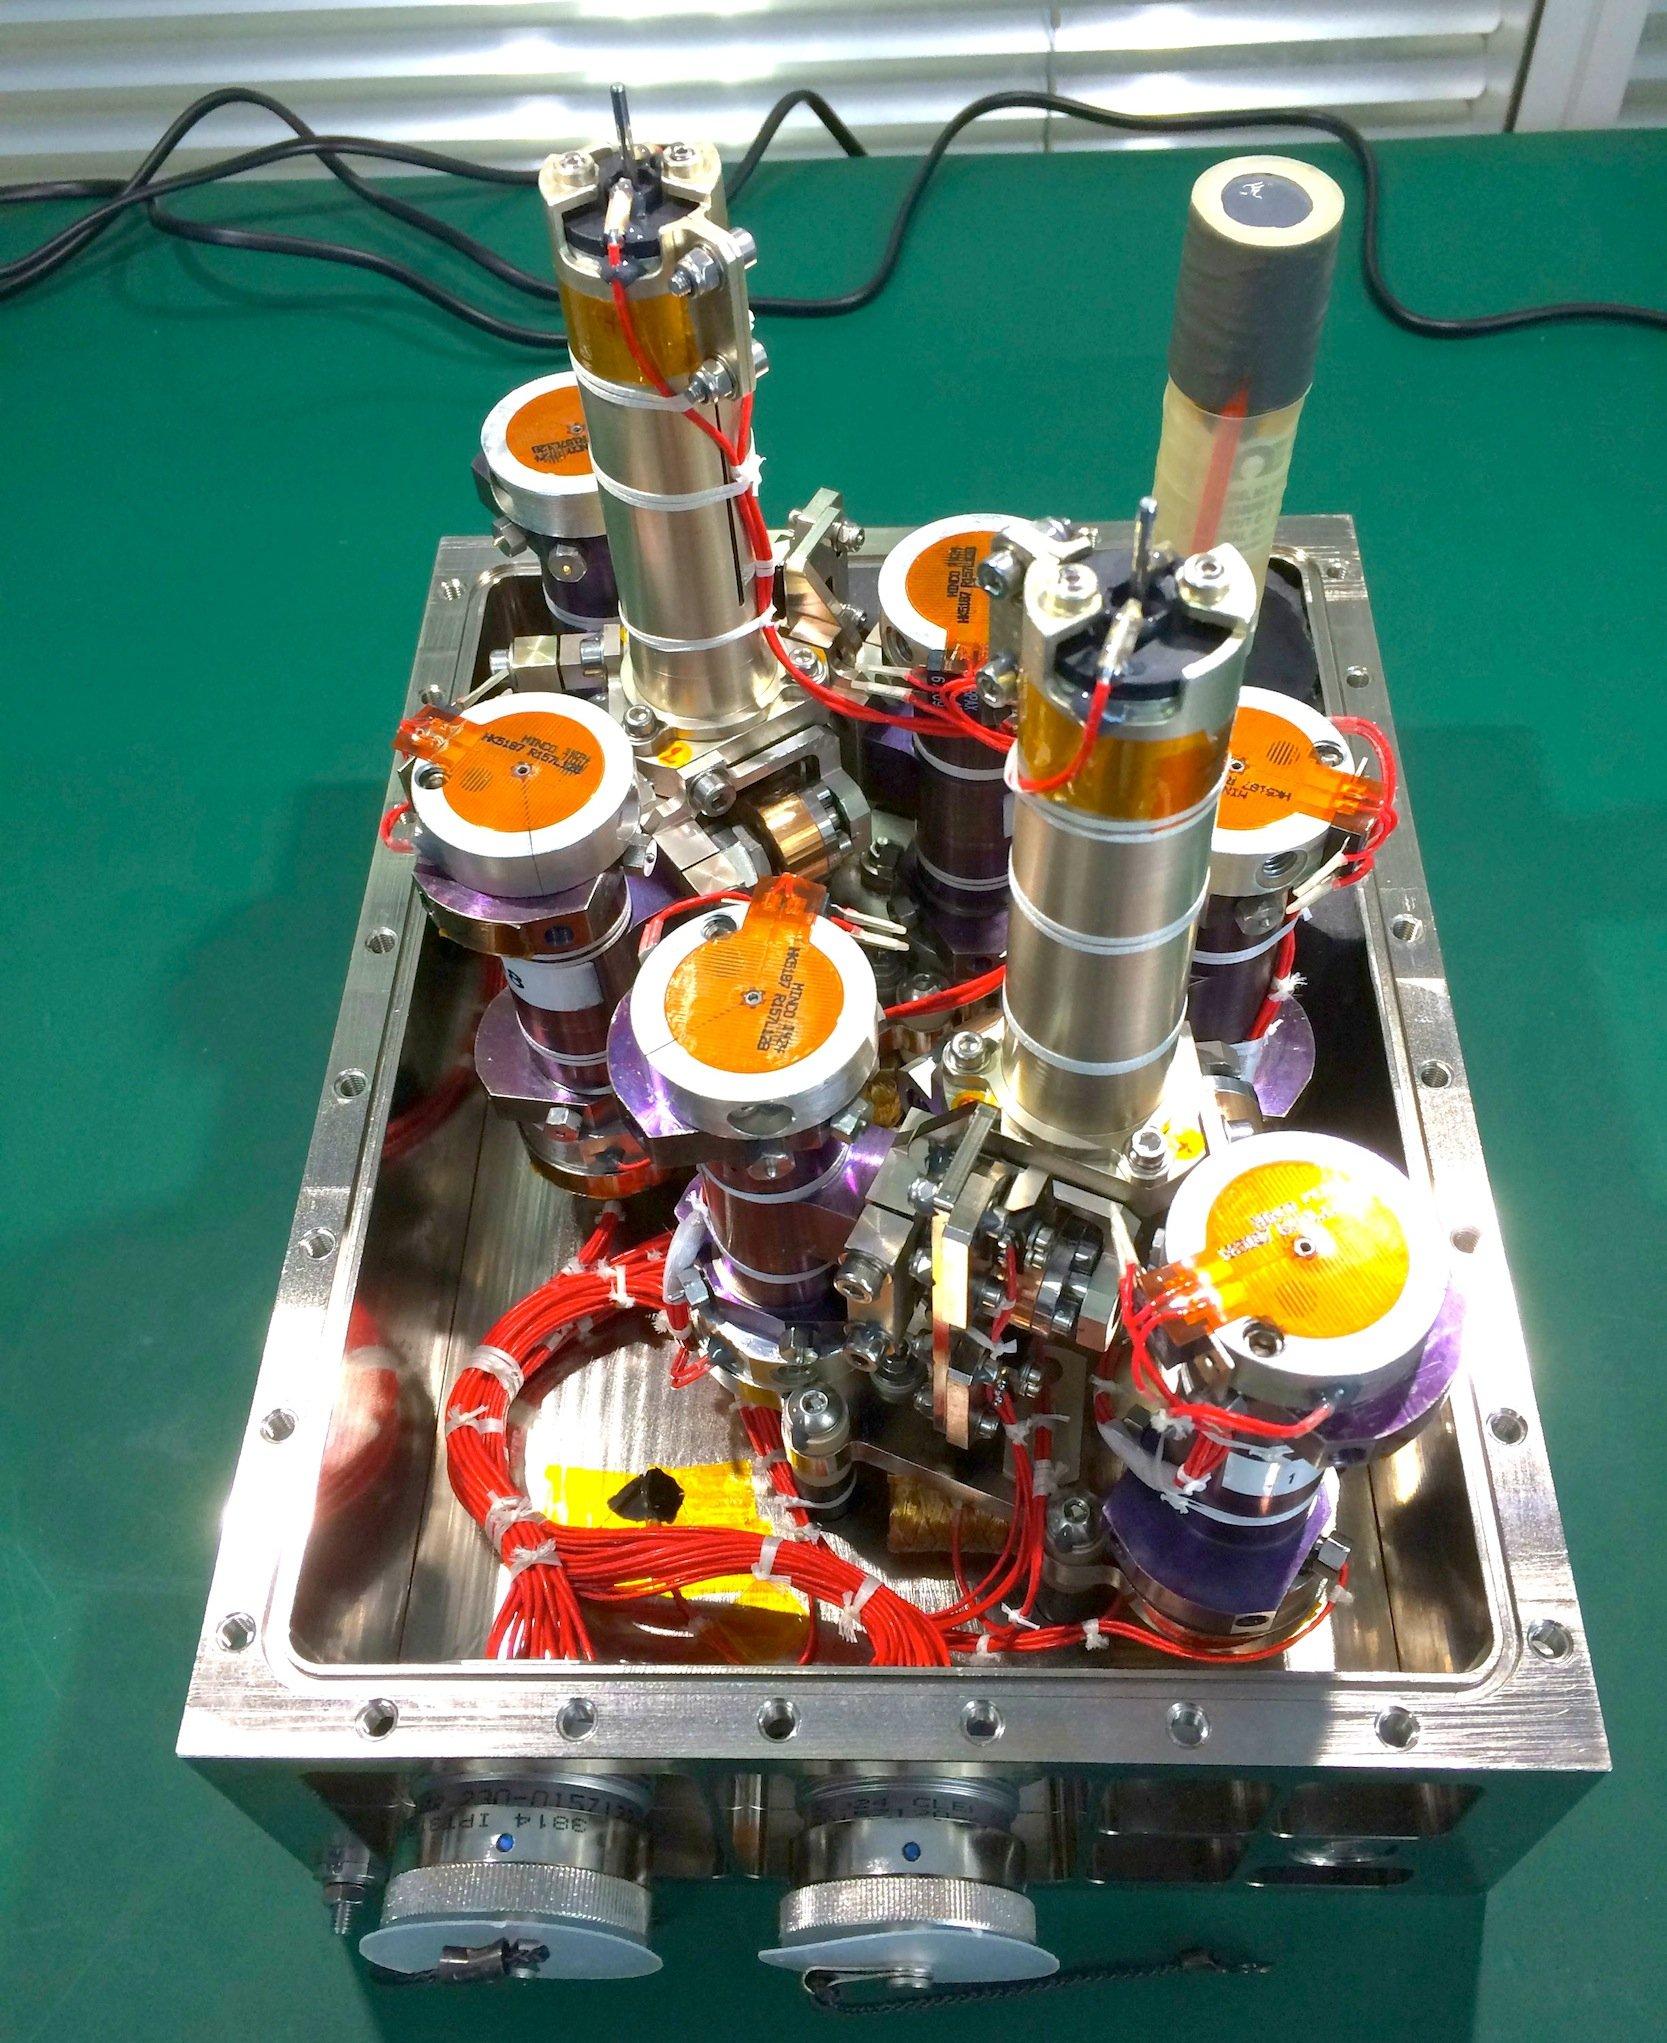 Diese Titanzylinder enthalten Rohöl und umkreisen derzeit die Erde. Mit diesem Experiment soll die Suche nach Rohöl in großen Tiefen auf der Erde verbessert werden.